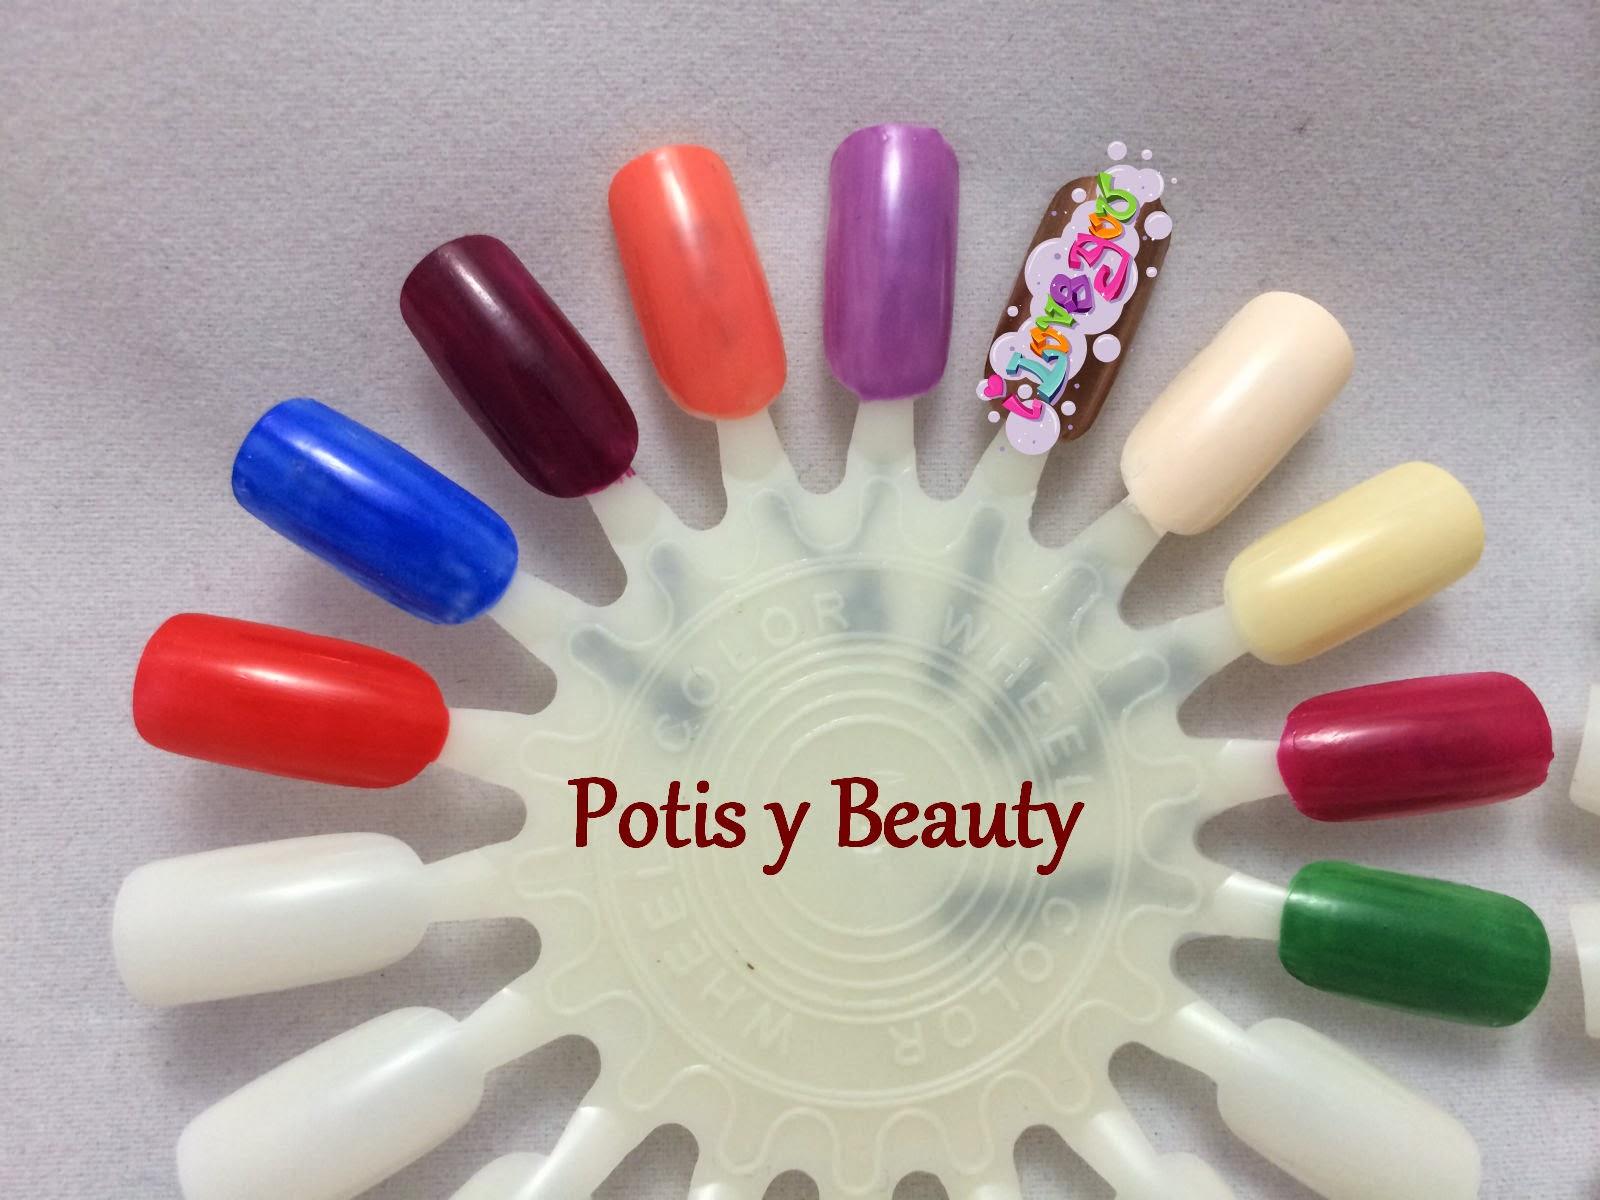 esmaltes de uñas variados